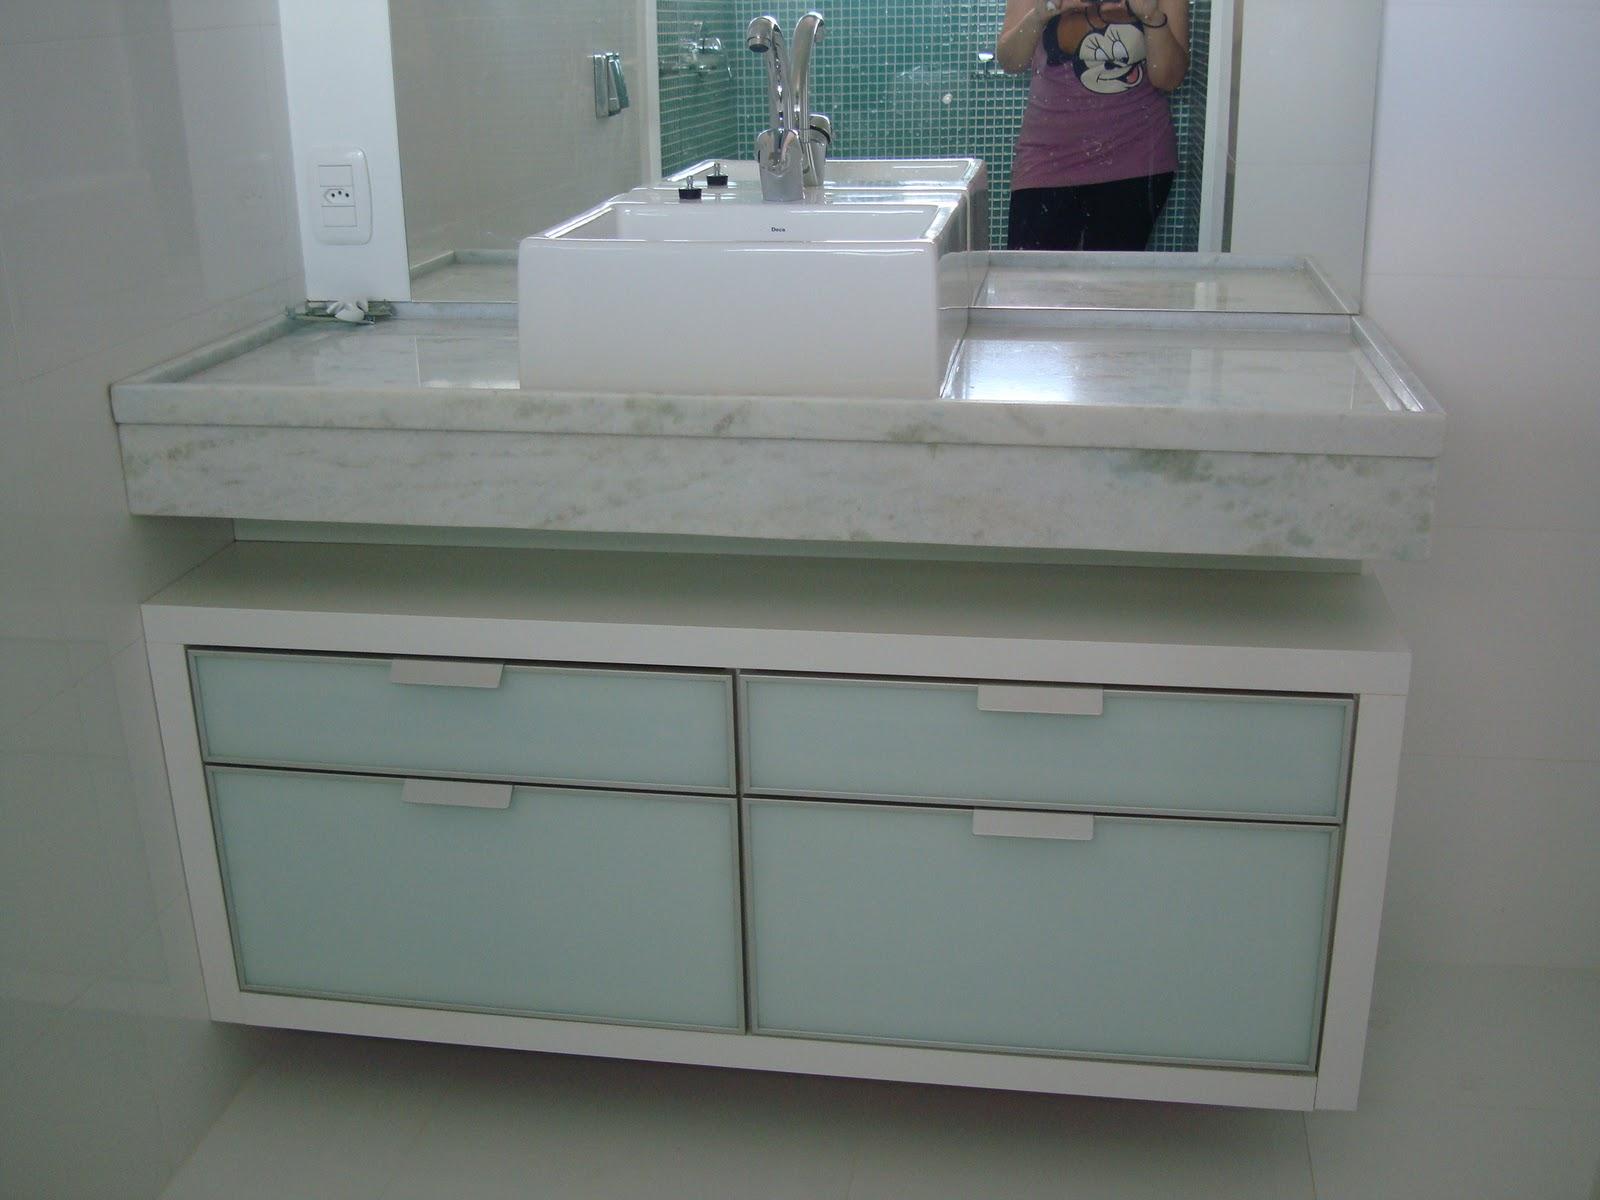 casinha da Dani e do João: Muro aterro banheiros social e suíte #4B6B69 1600x1200 Balcão Banheiro São João